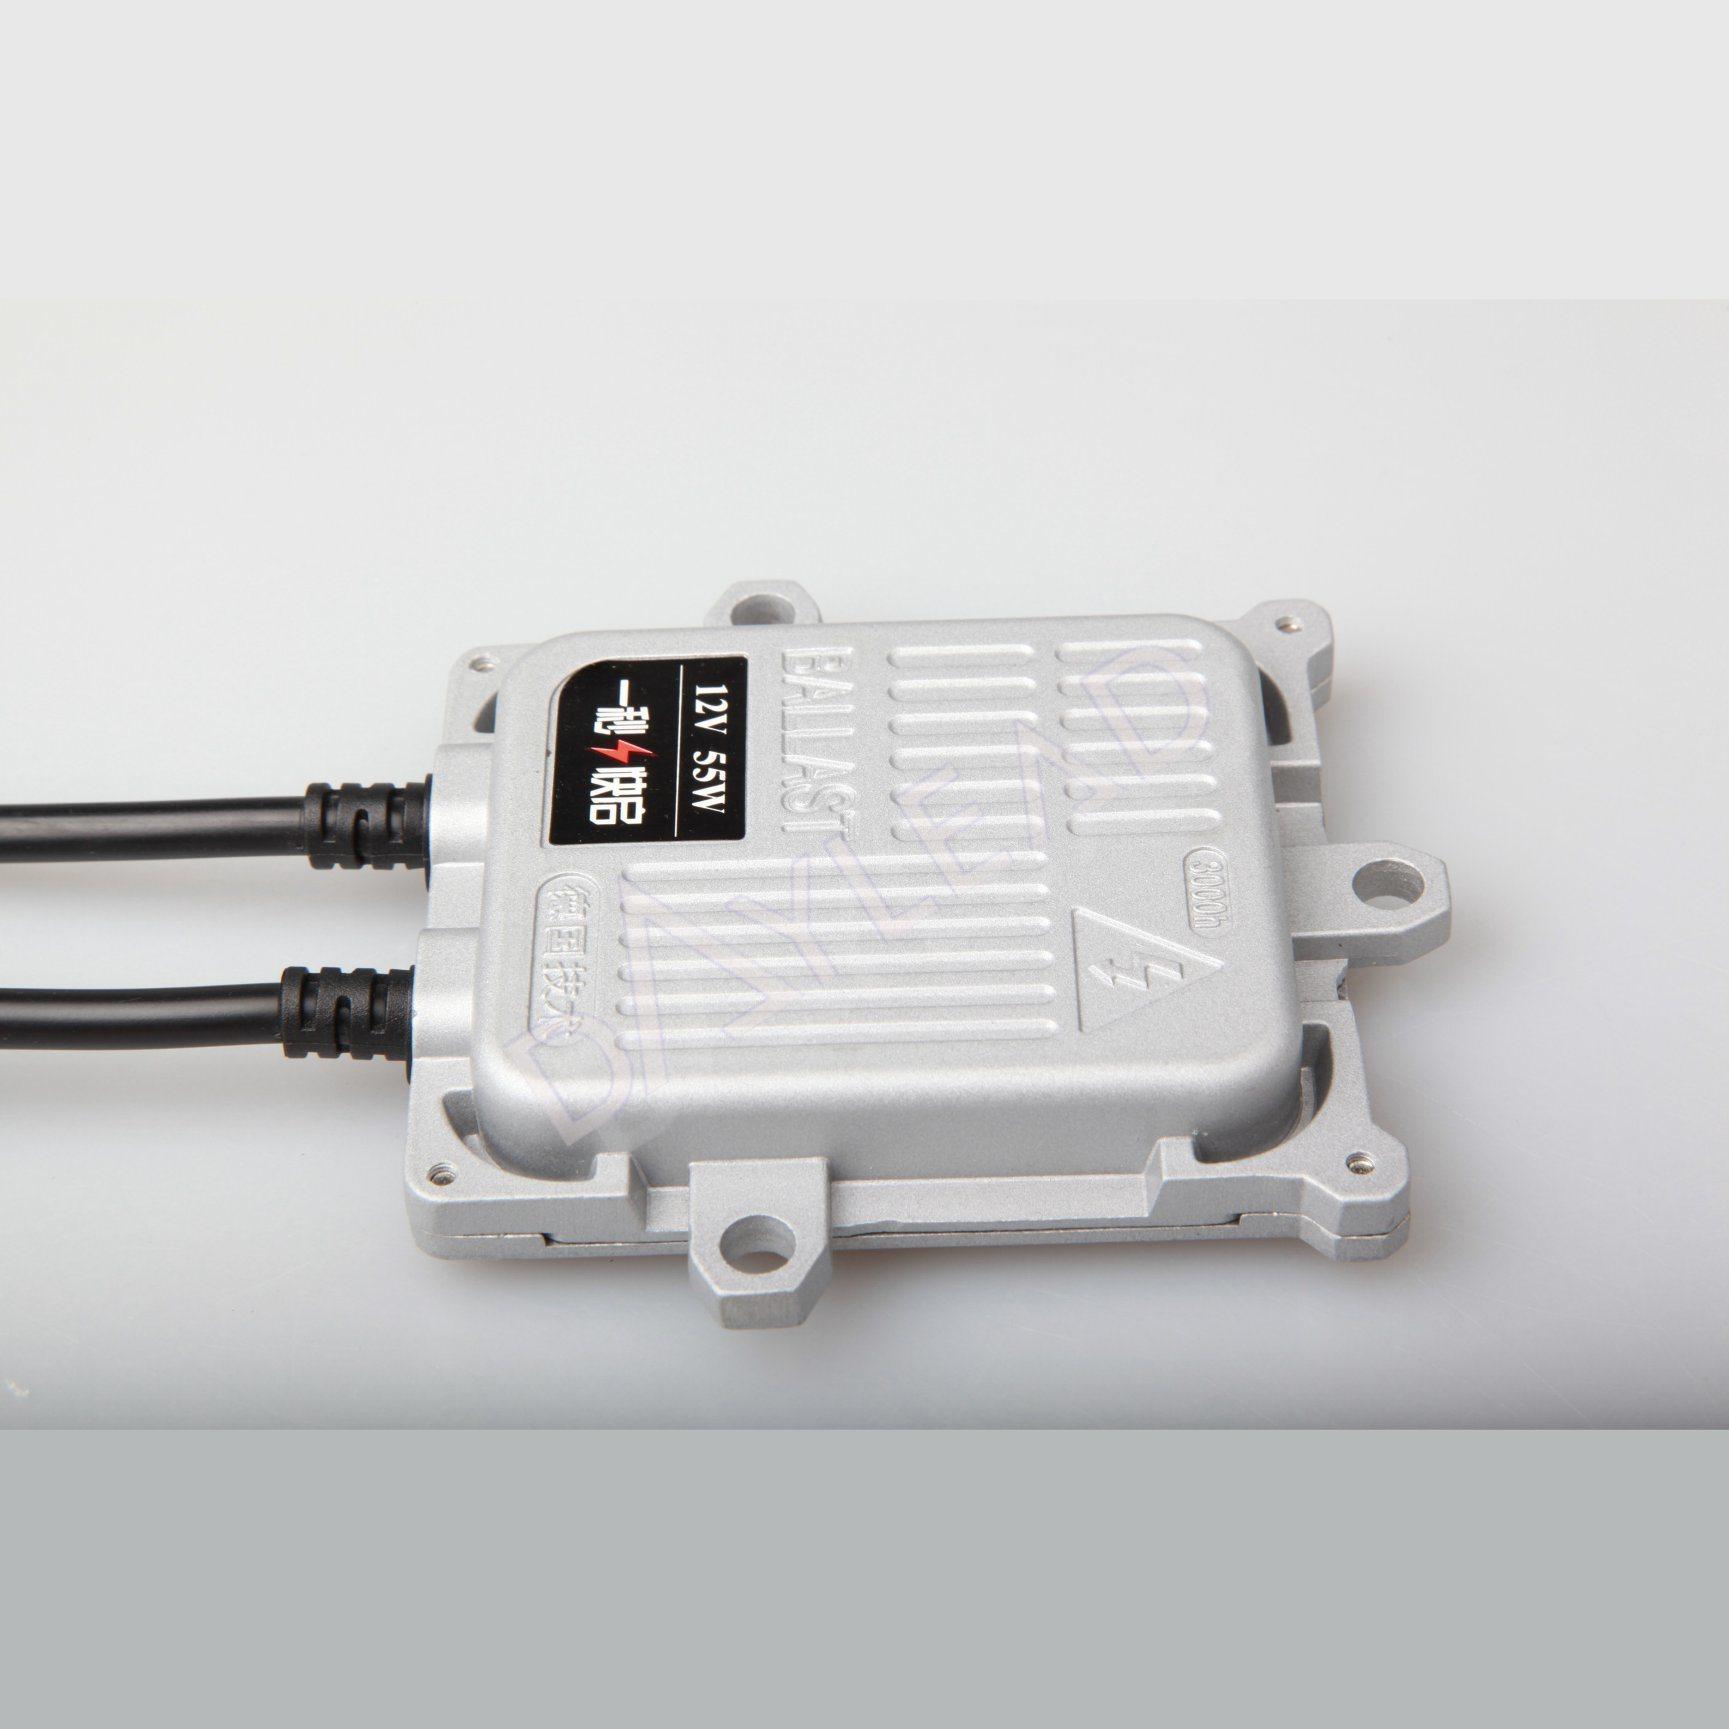 Wholesale Price Quick Starting HID Ballast Xenon Ballast